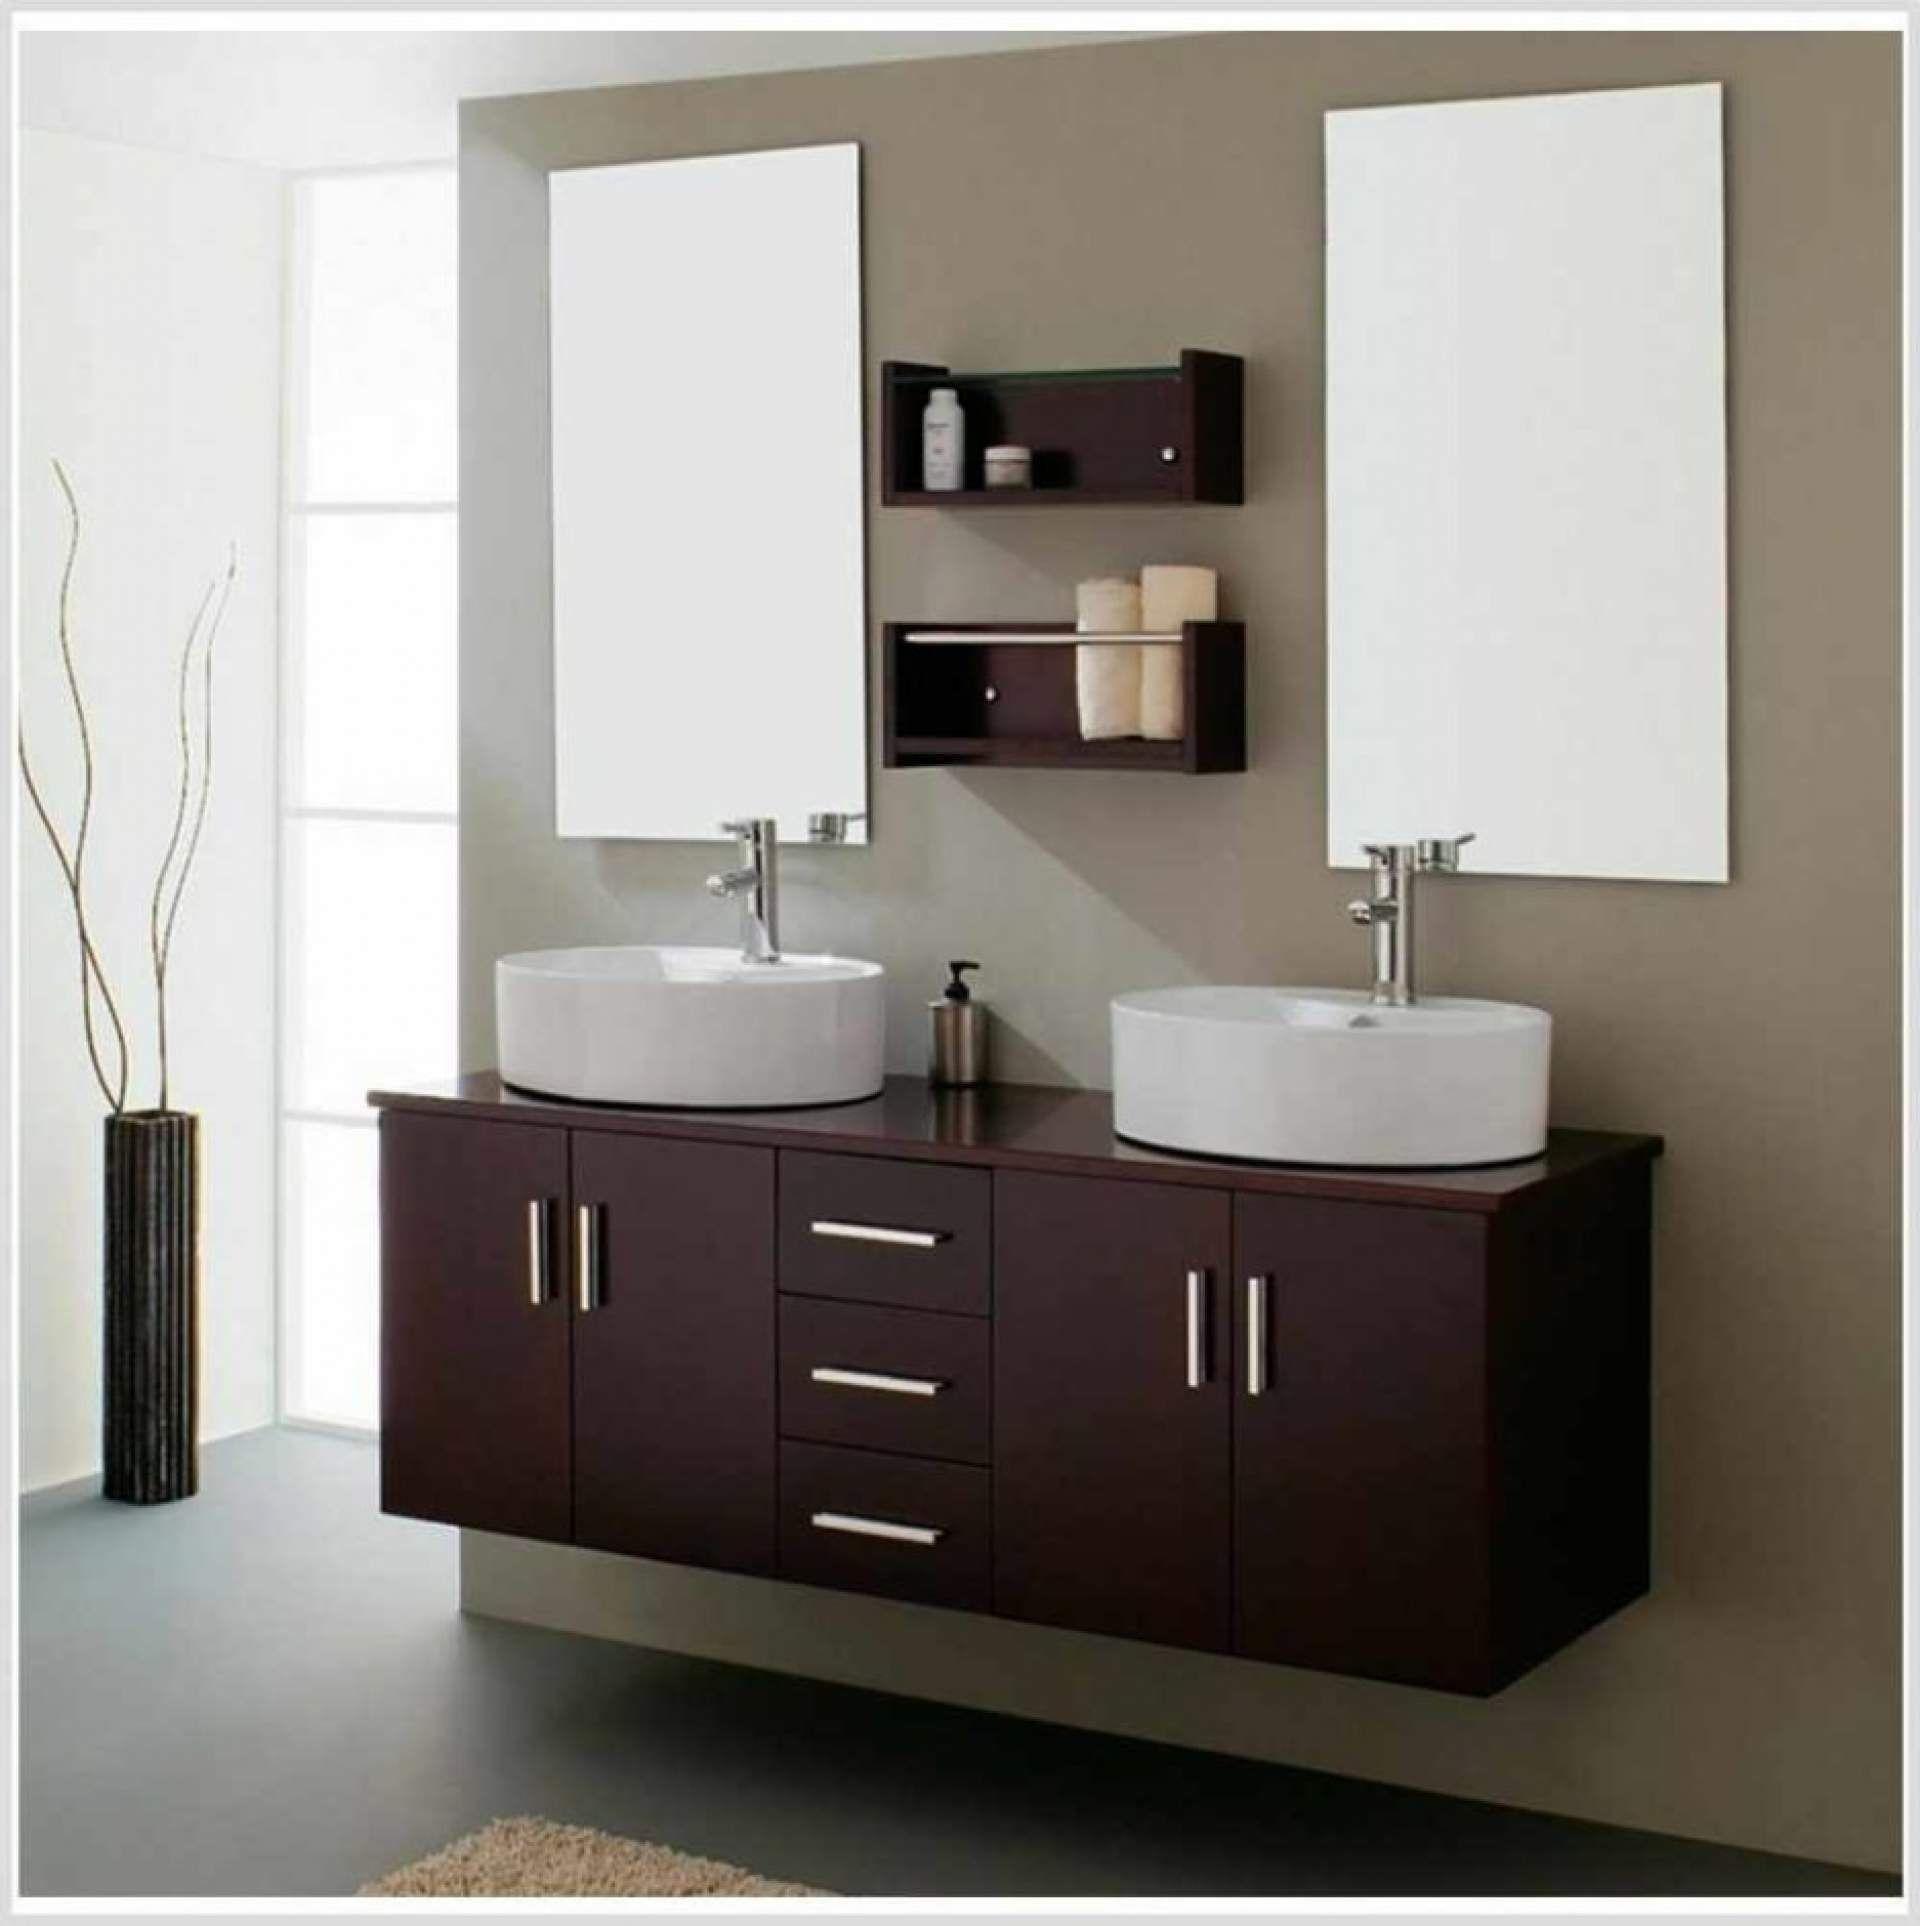 Farmhouse Bathroom Vanity Glacier Bay Vanity Tops